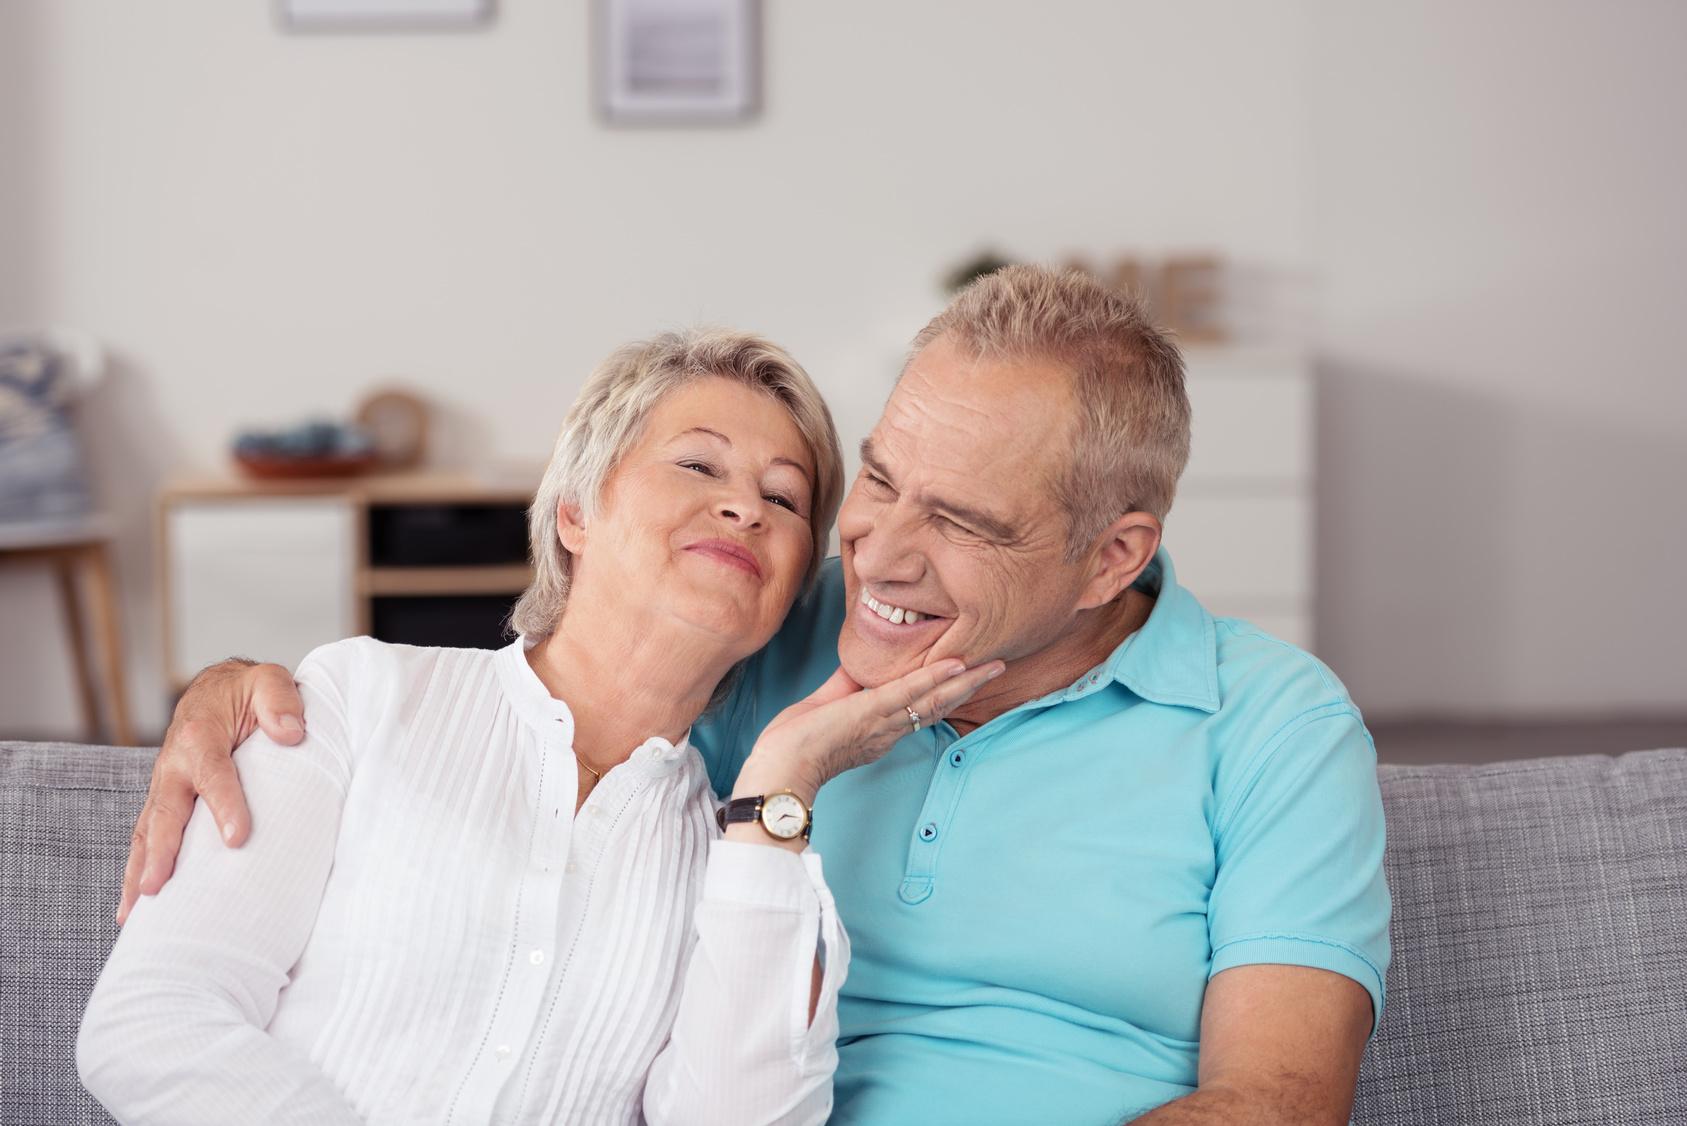 lachendes lteres paar hat spa zusammen